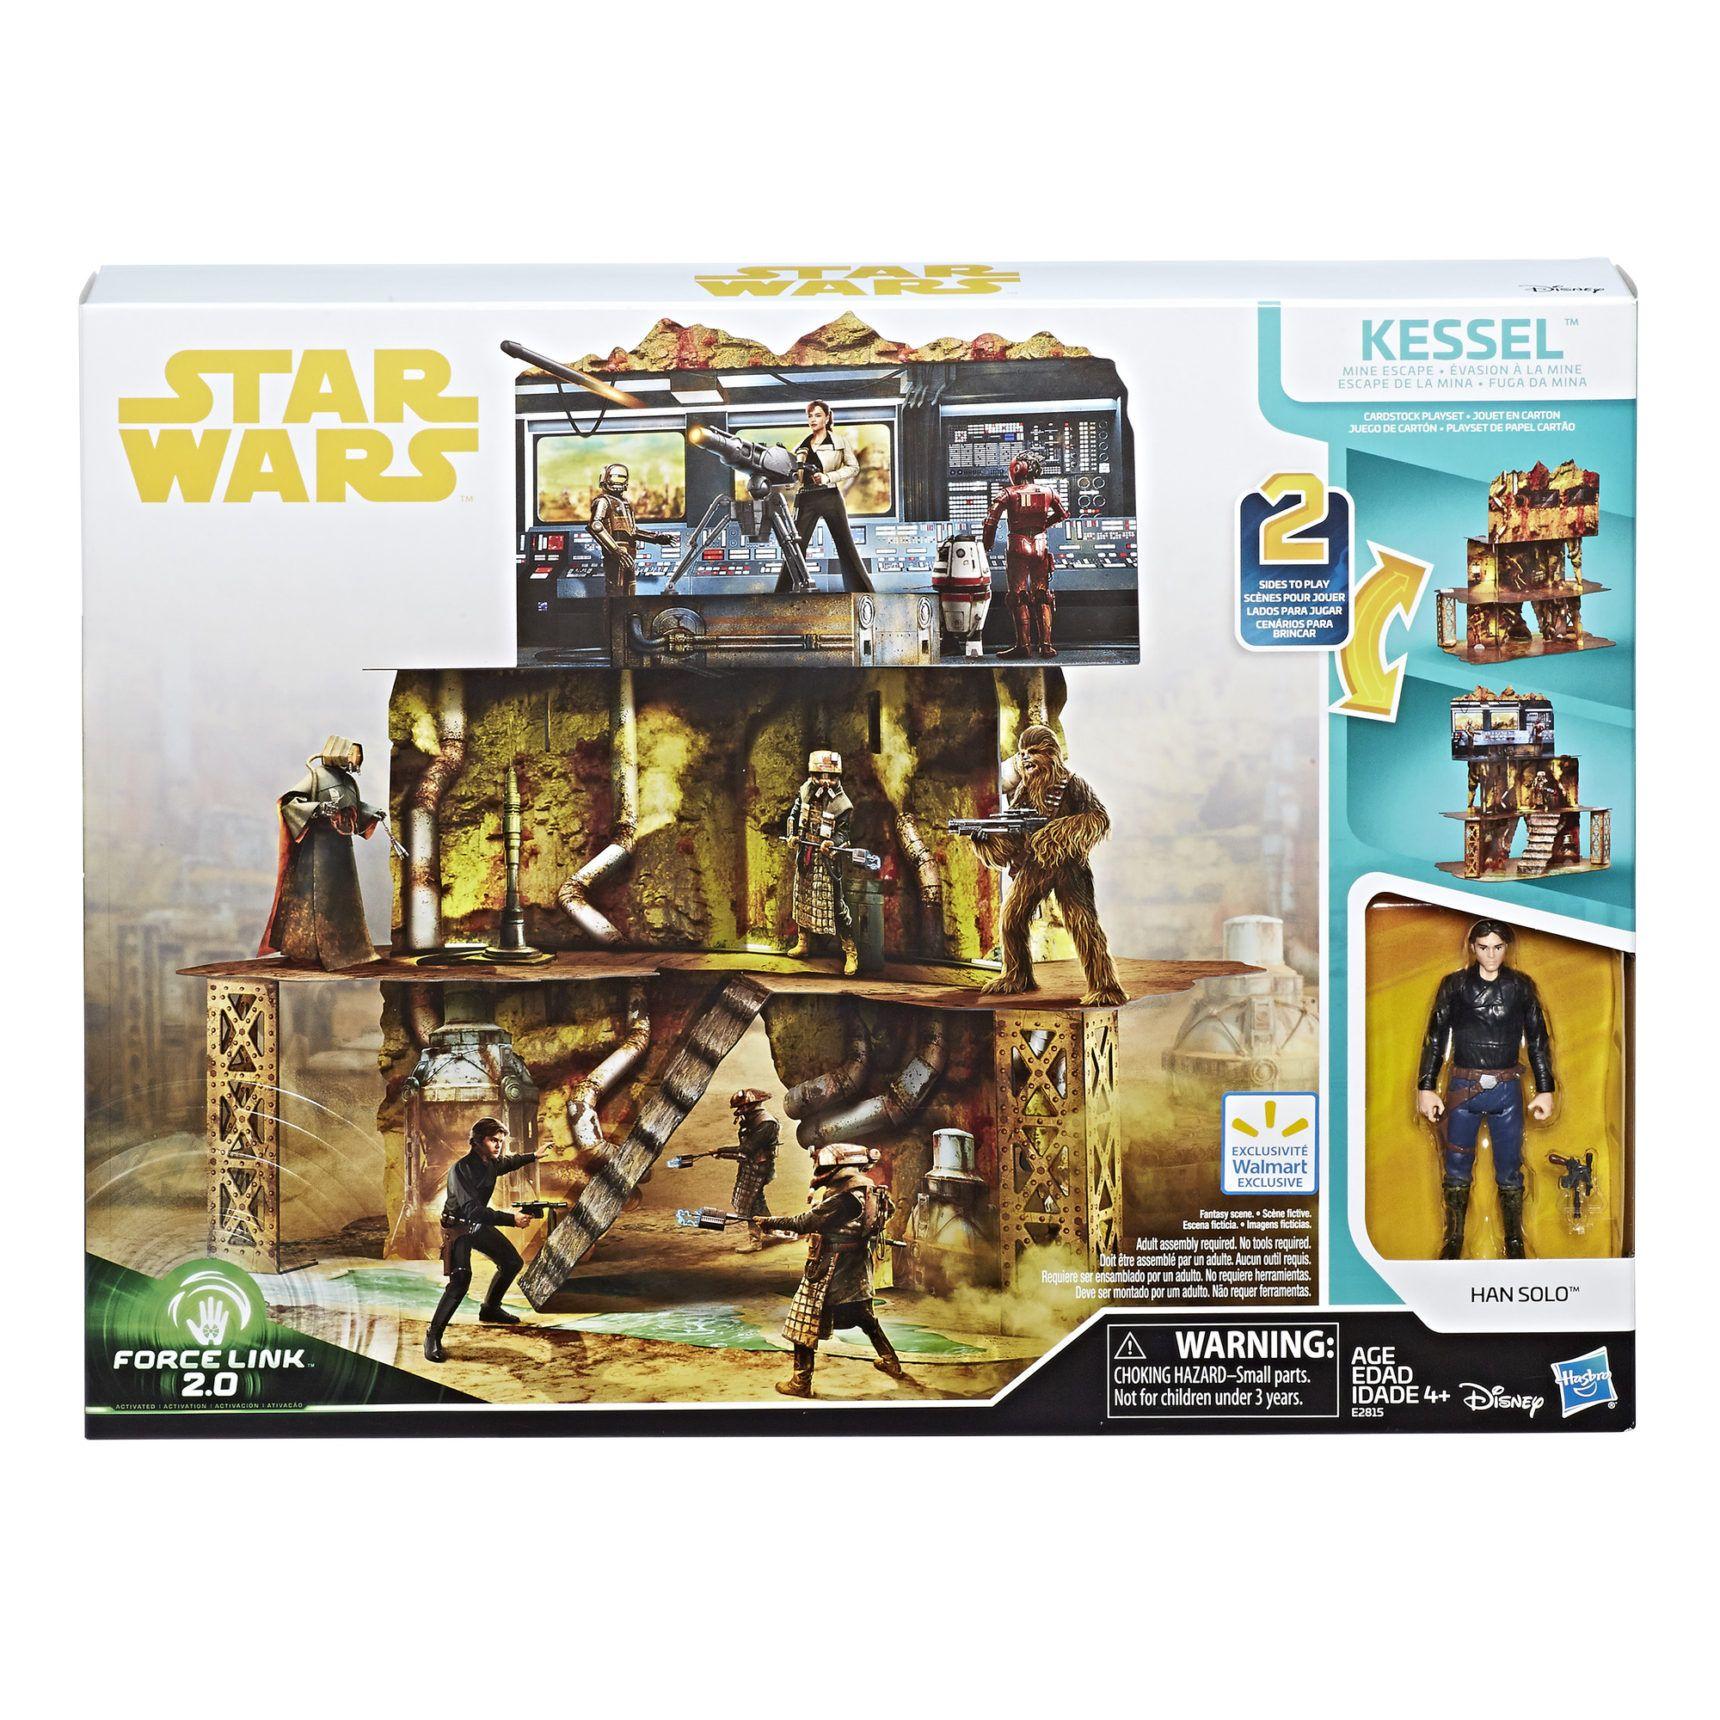 Offizielle Produktbilder Zum Hasbro Force Link 2 0 Kessel Mine Escape Cardboard Set Star Wars Geschenke Star Wars San Diego Comic Con